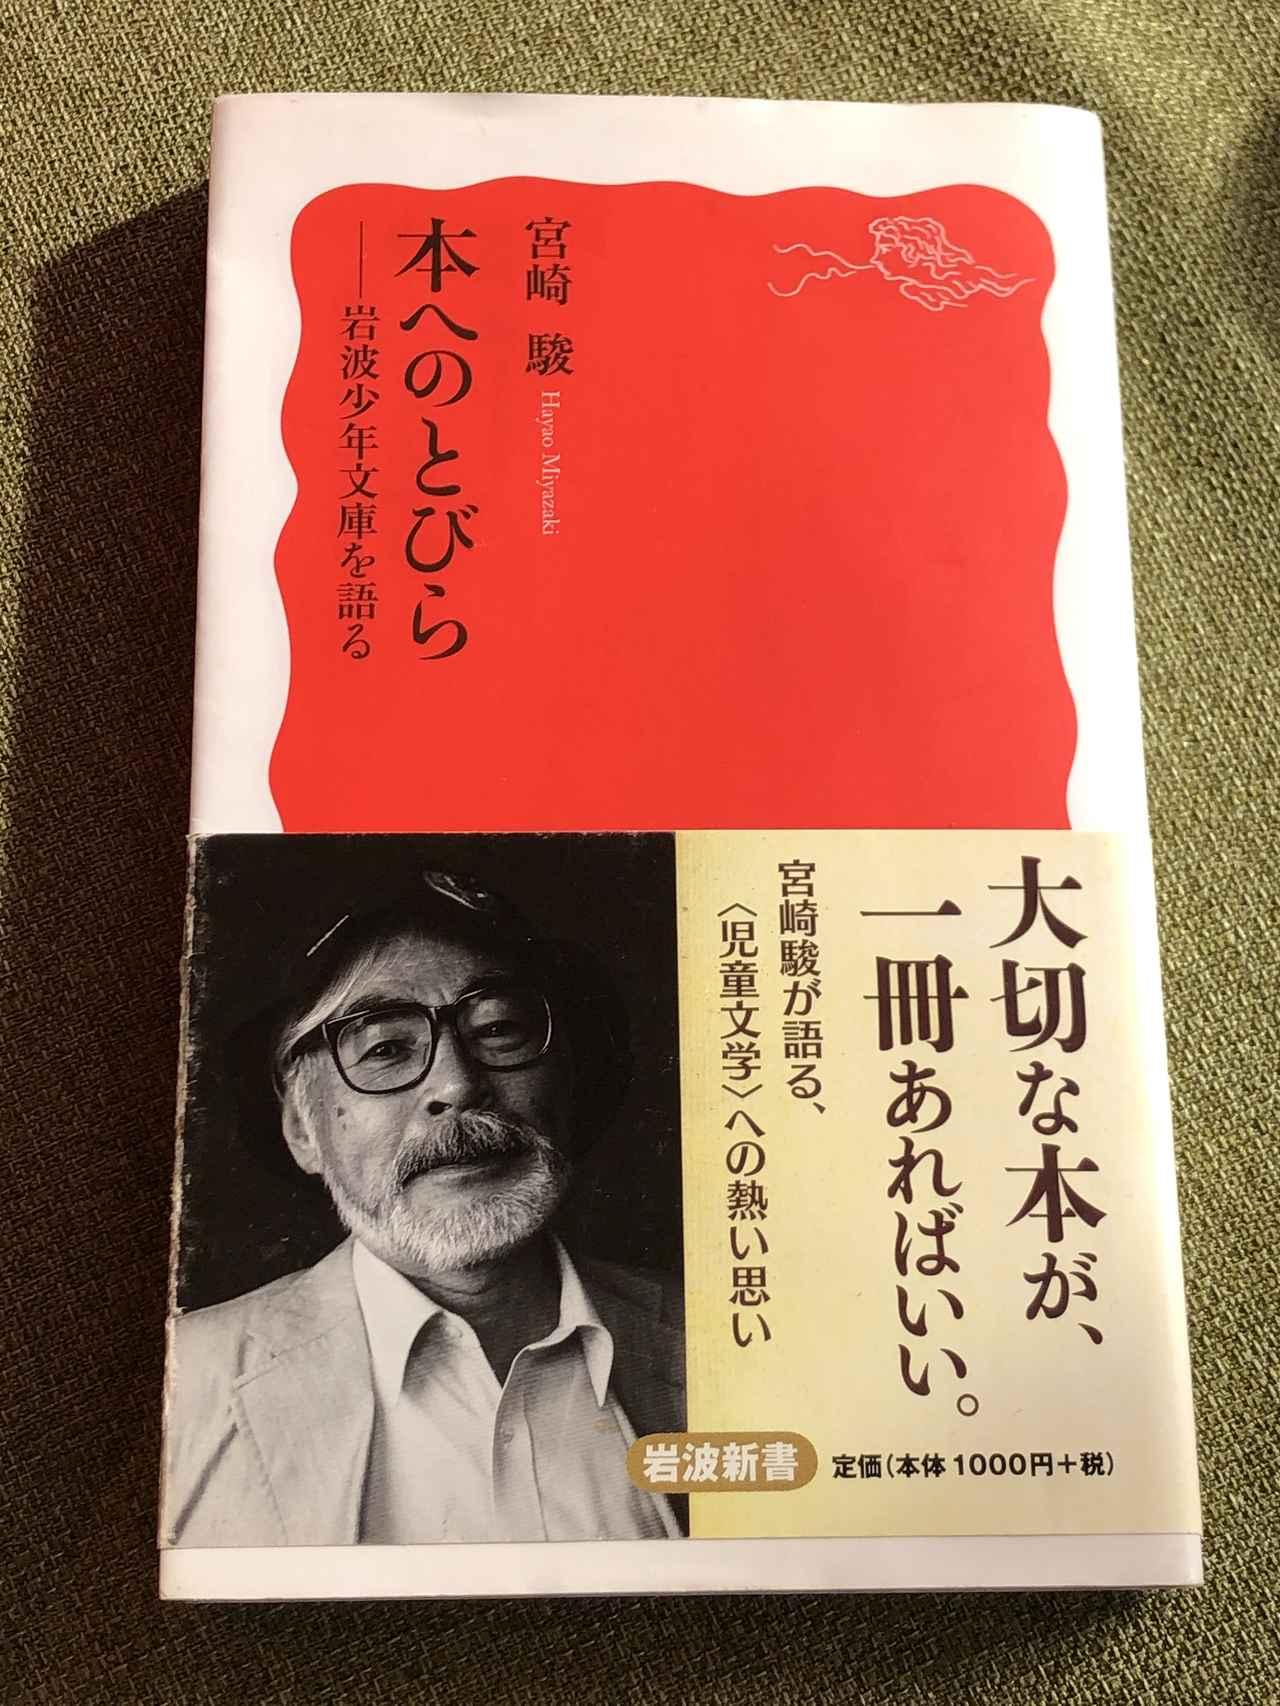 画像: 「本への扉」宮崎駿、岩波新書